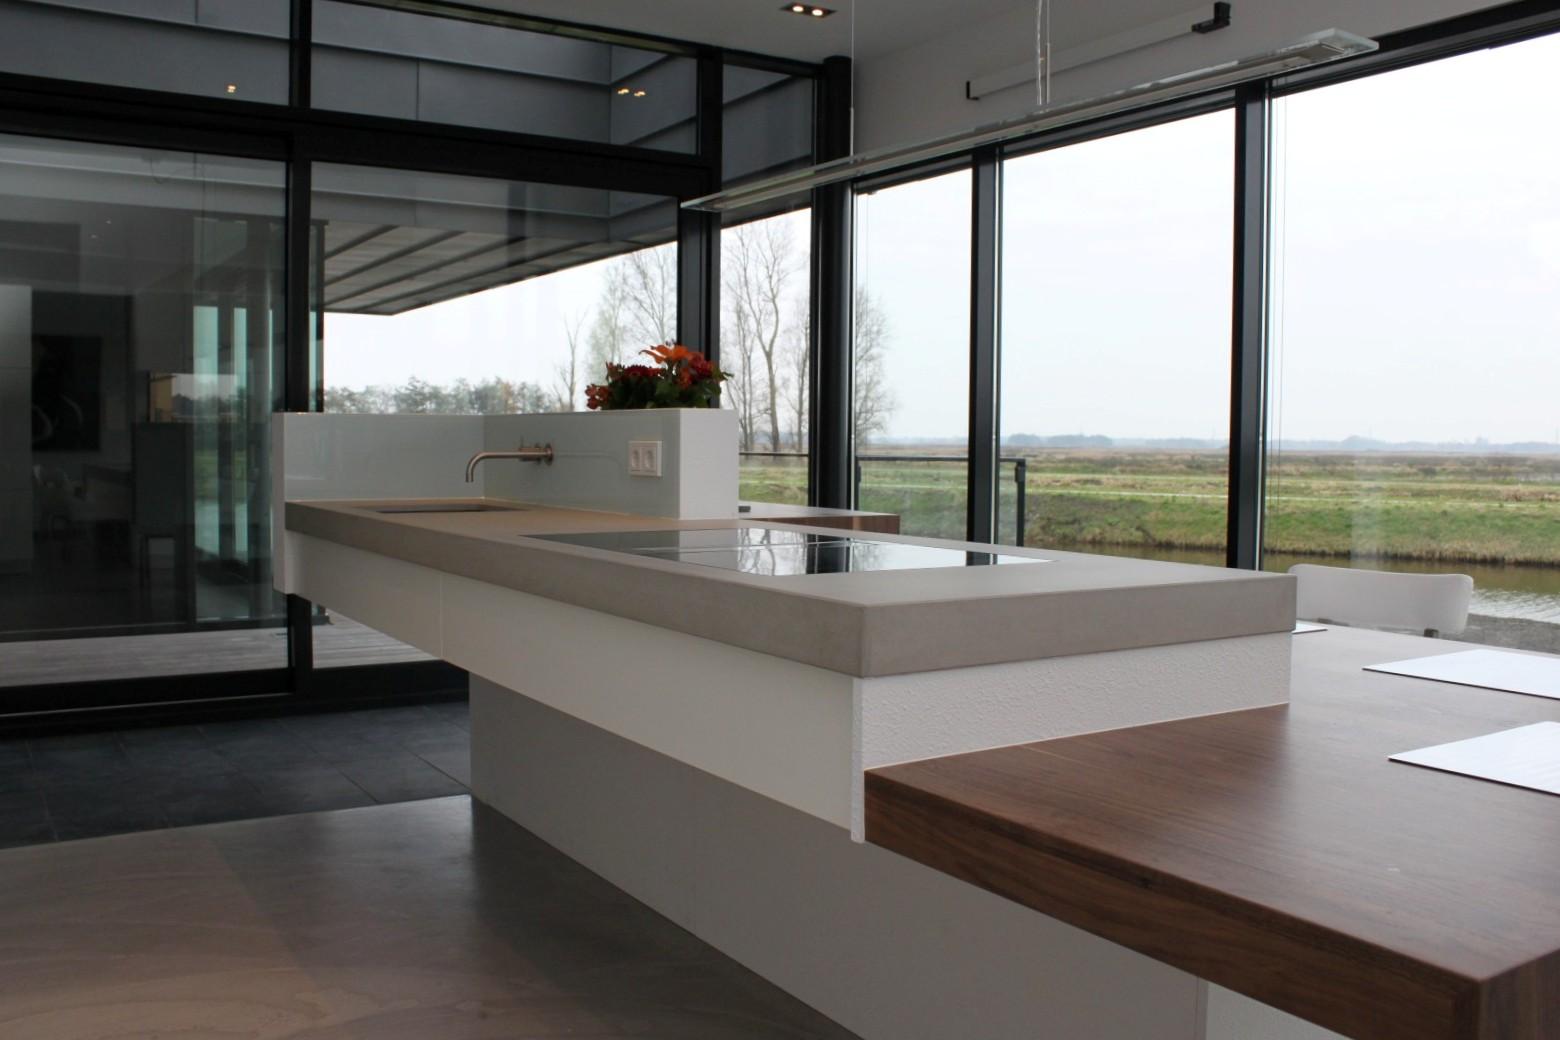 Moderne Houten Keuken Met Composiet Keukenblad : Maatwerk houten ...